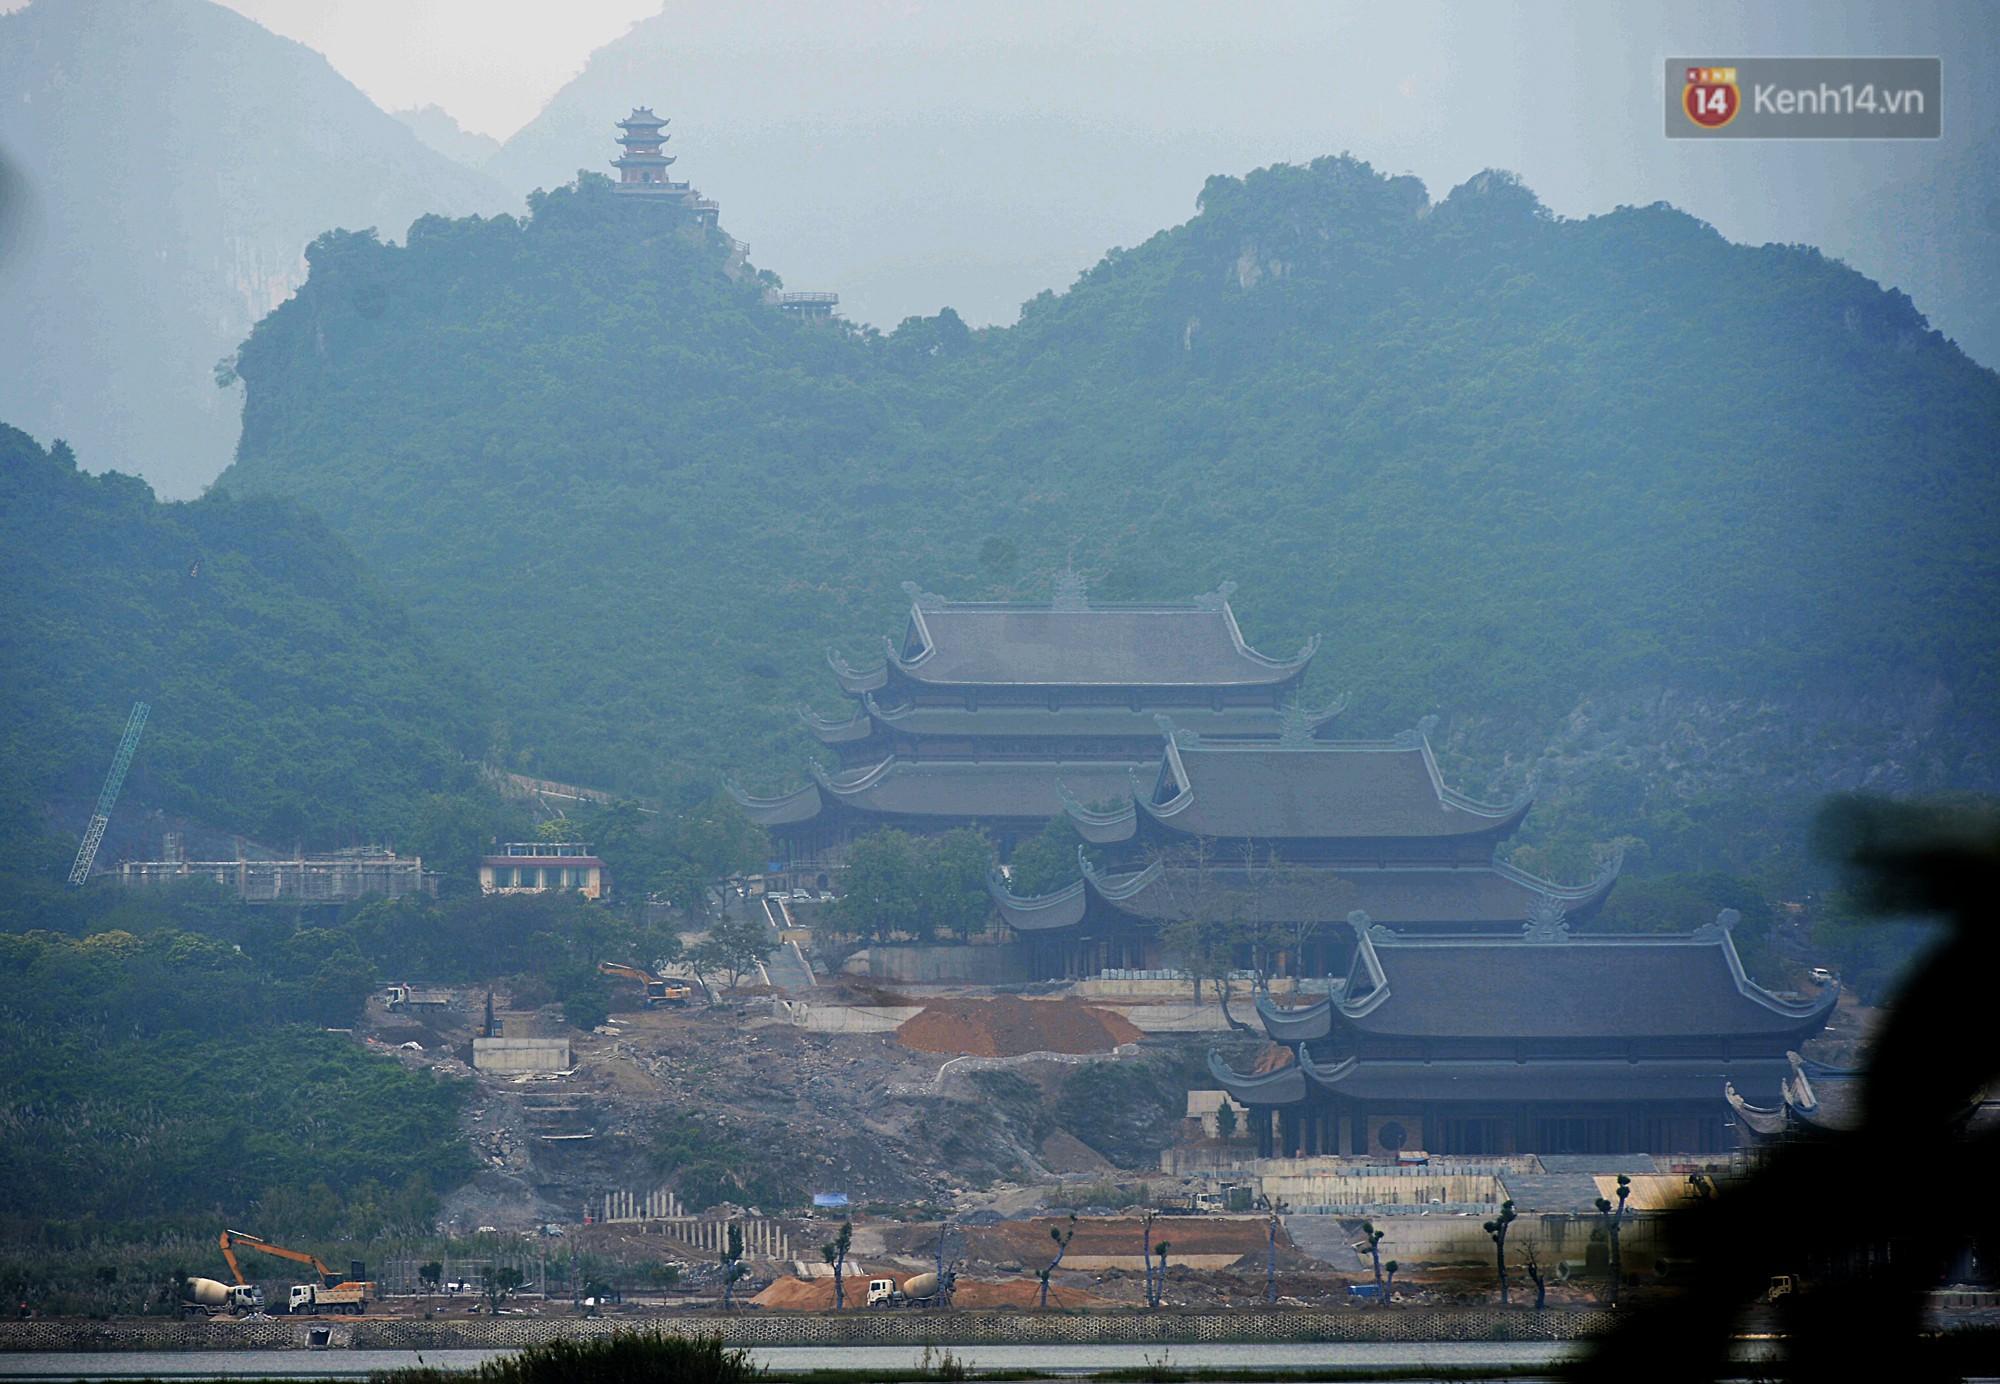 Được nhà nước công nhận là Khu du lịch quốc gia năm 2013, quần thể chùa Tam Chúc có tổng diện tích gần 5.000ha bao gồm hồ nước, núi đá rừng tự nhiên và các thung lũng.